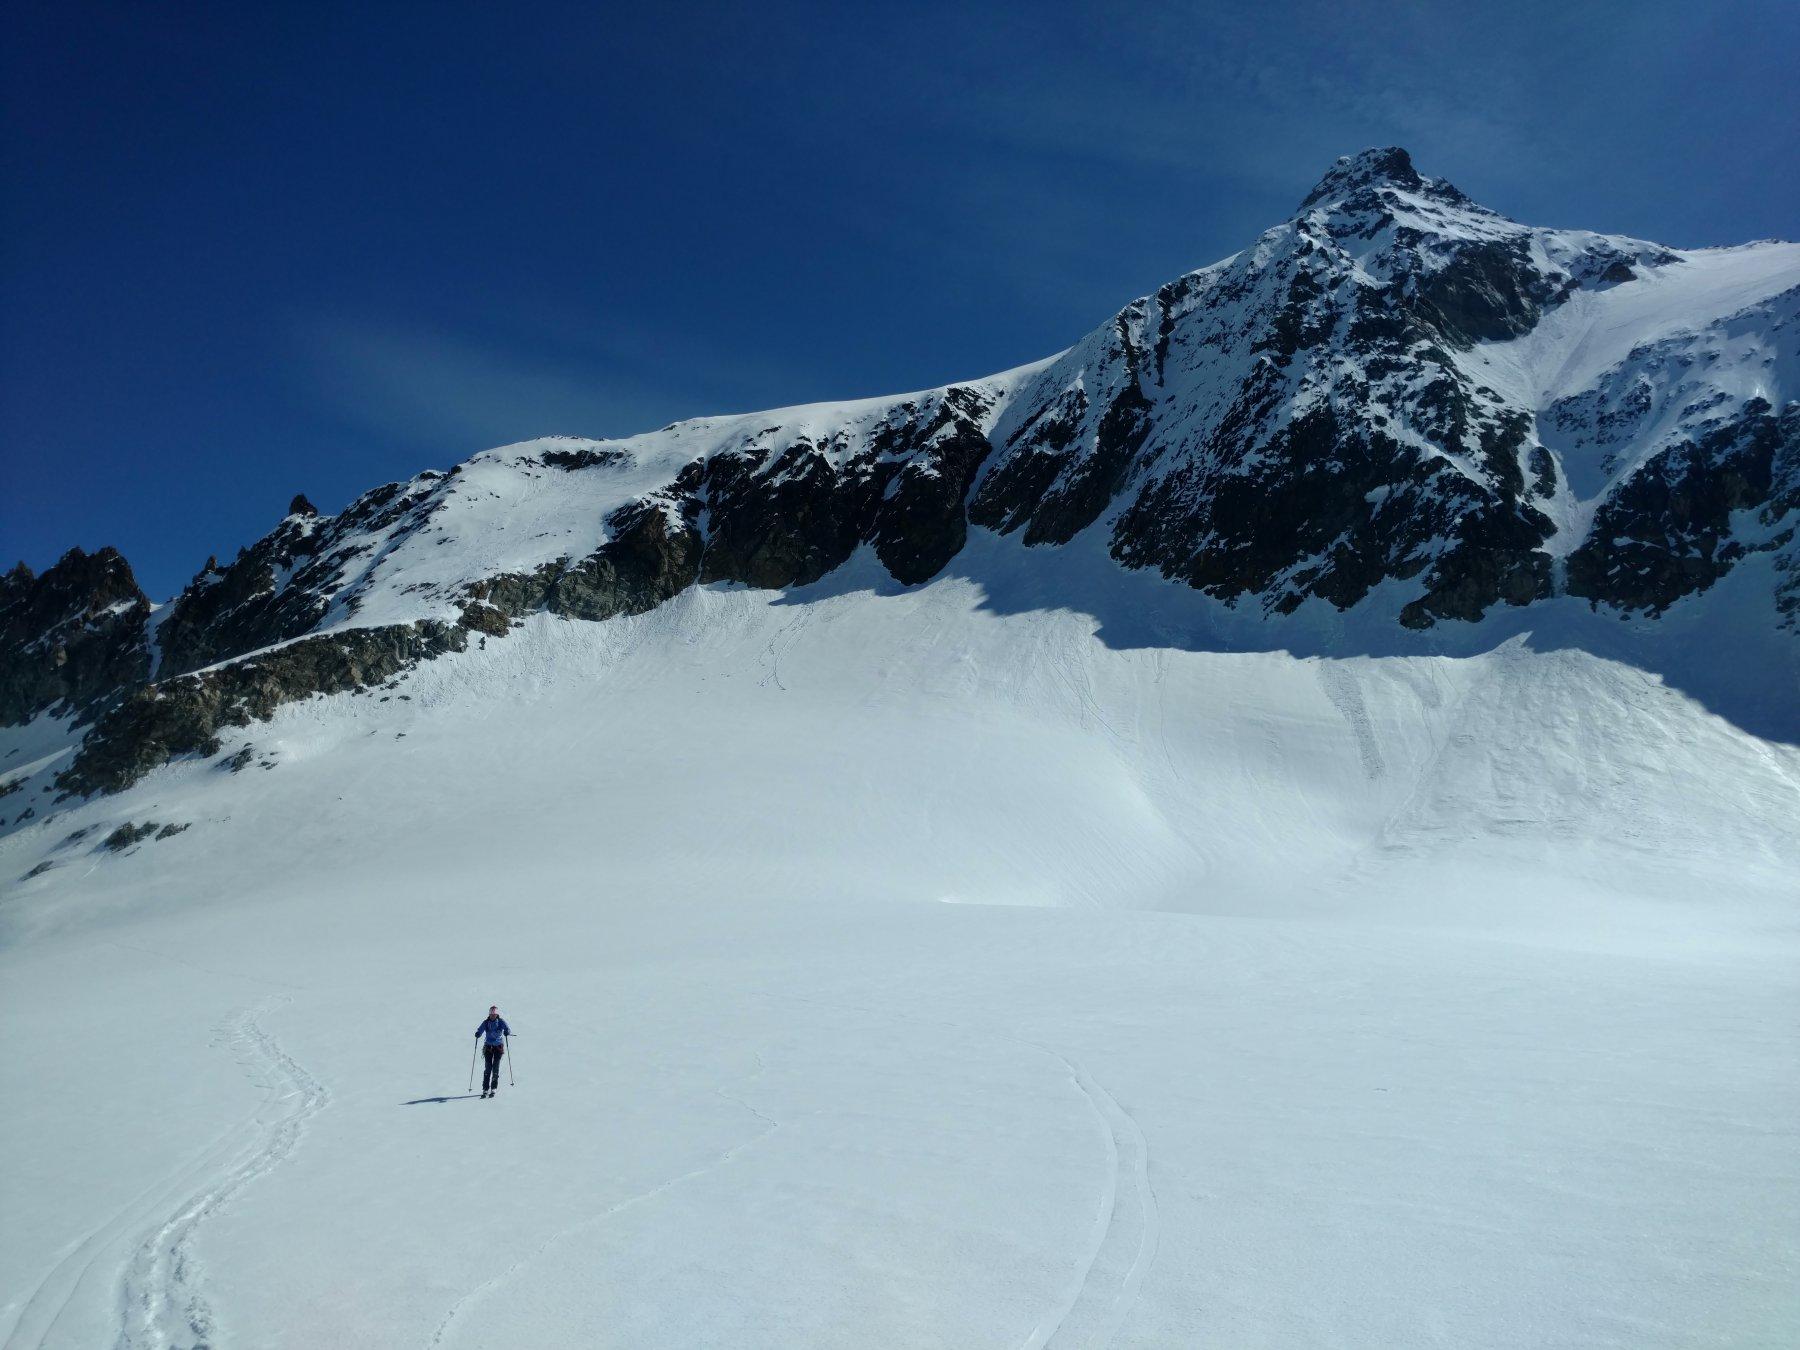 Sul ghiacciaio in risalita